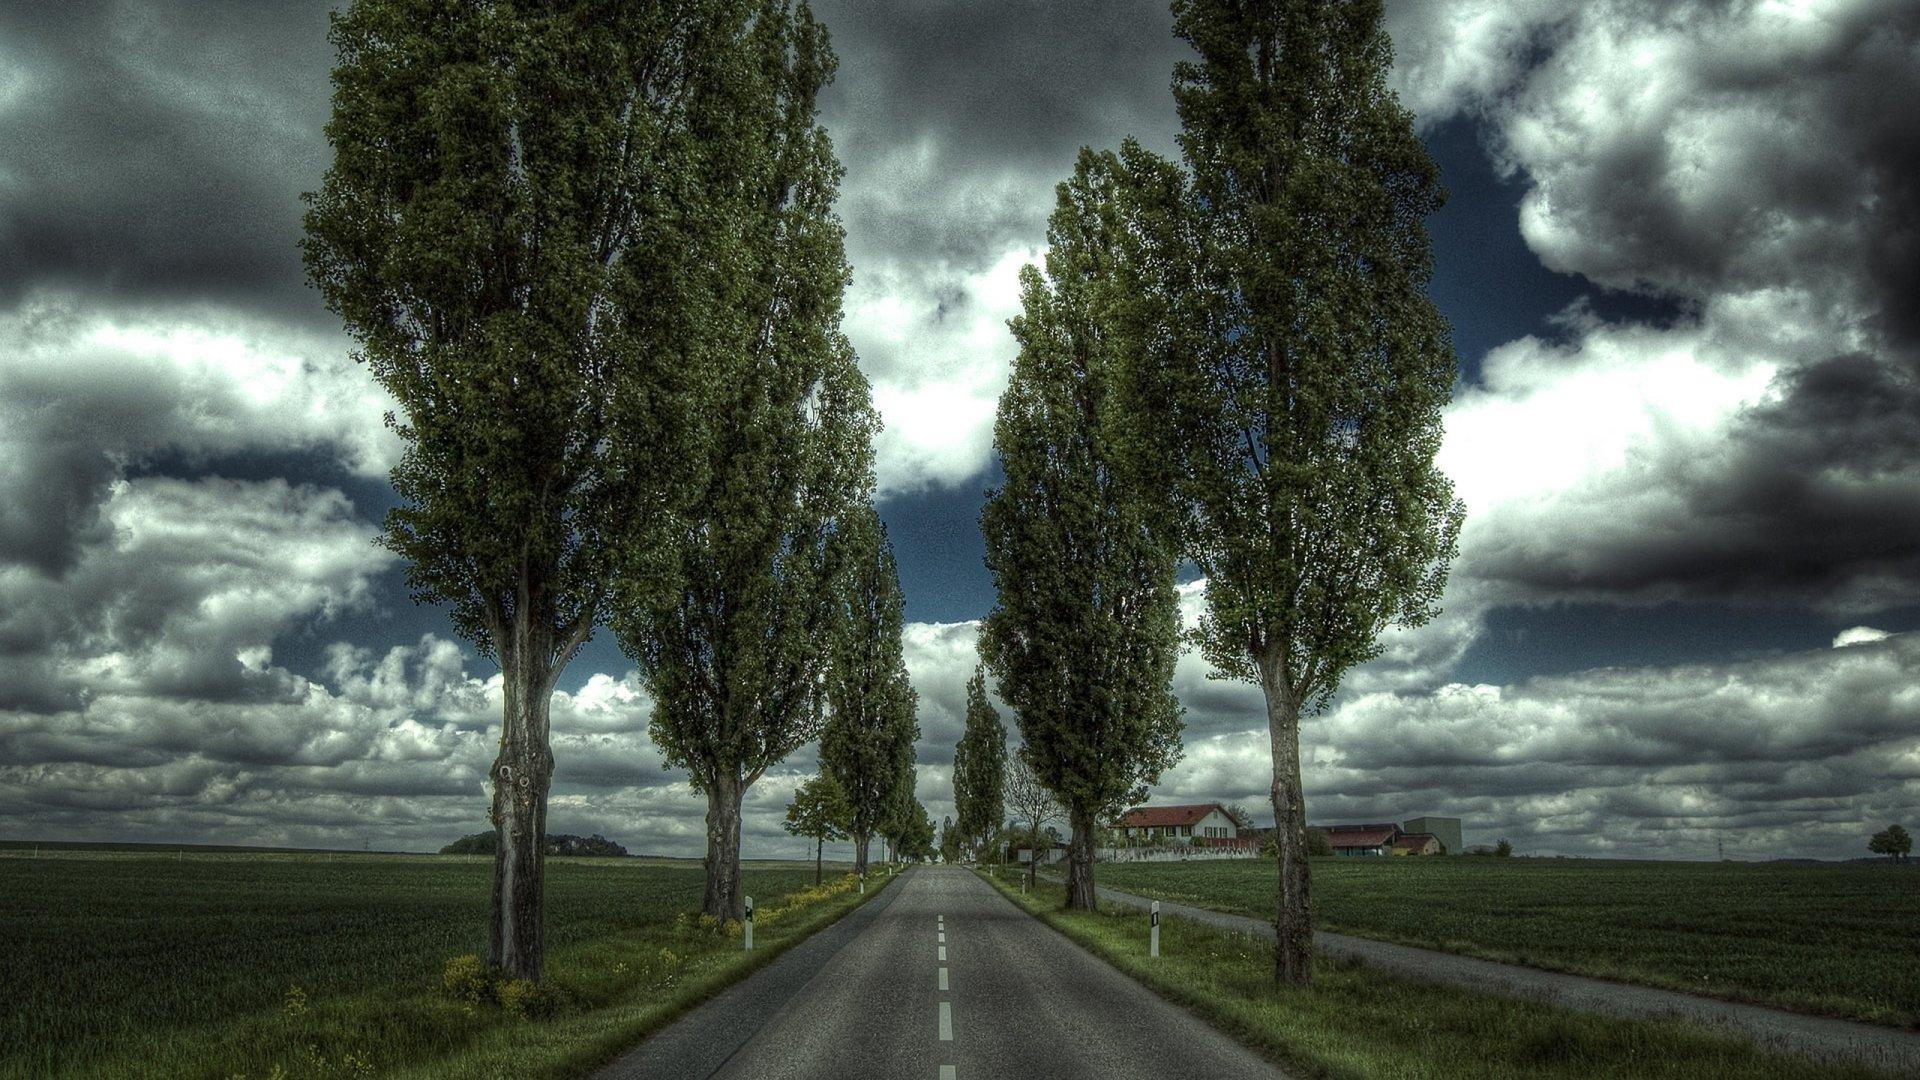 2560x1440 wallpaper road: Road HD Wallpaper